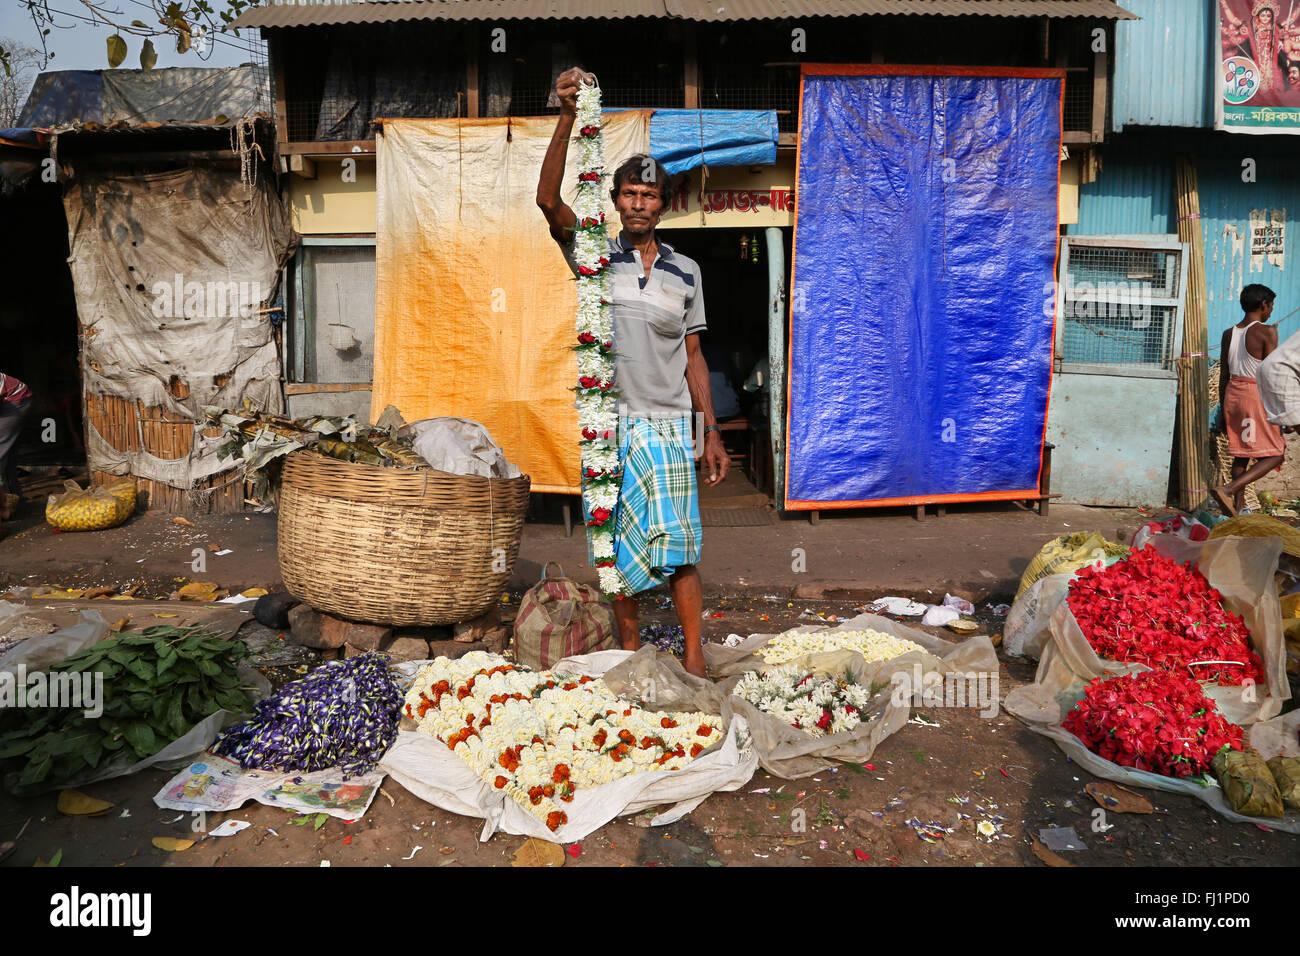 Venditore di fiori a Kolkata Mullick ghat mercato dei fiori , India Immagini Stock